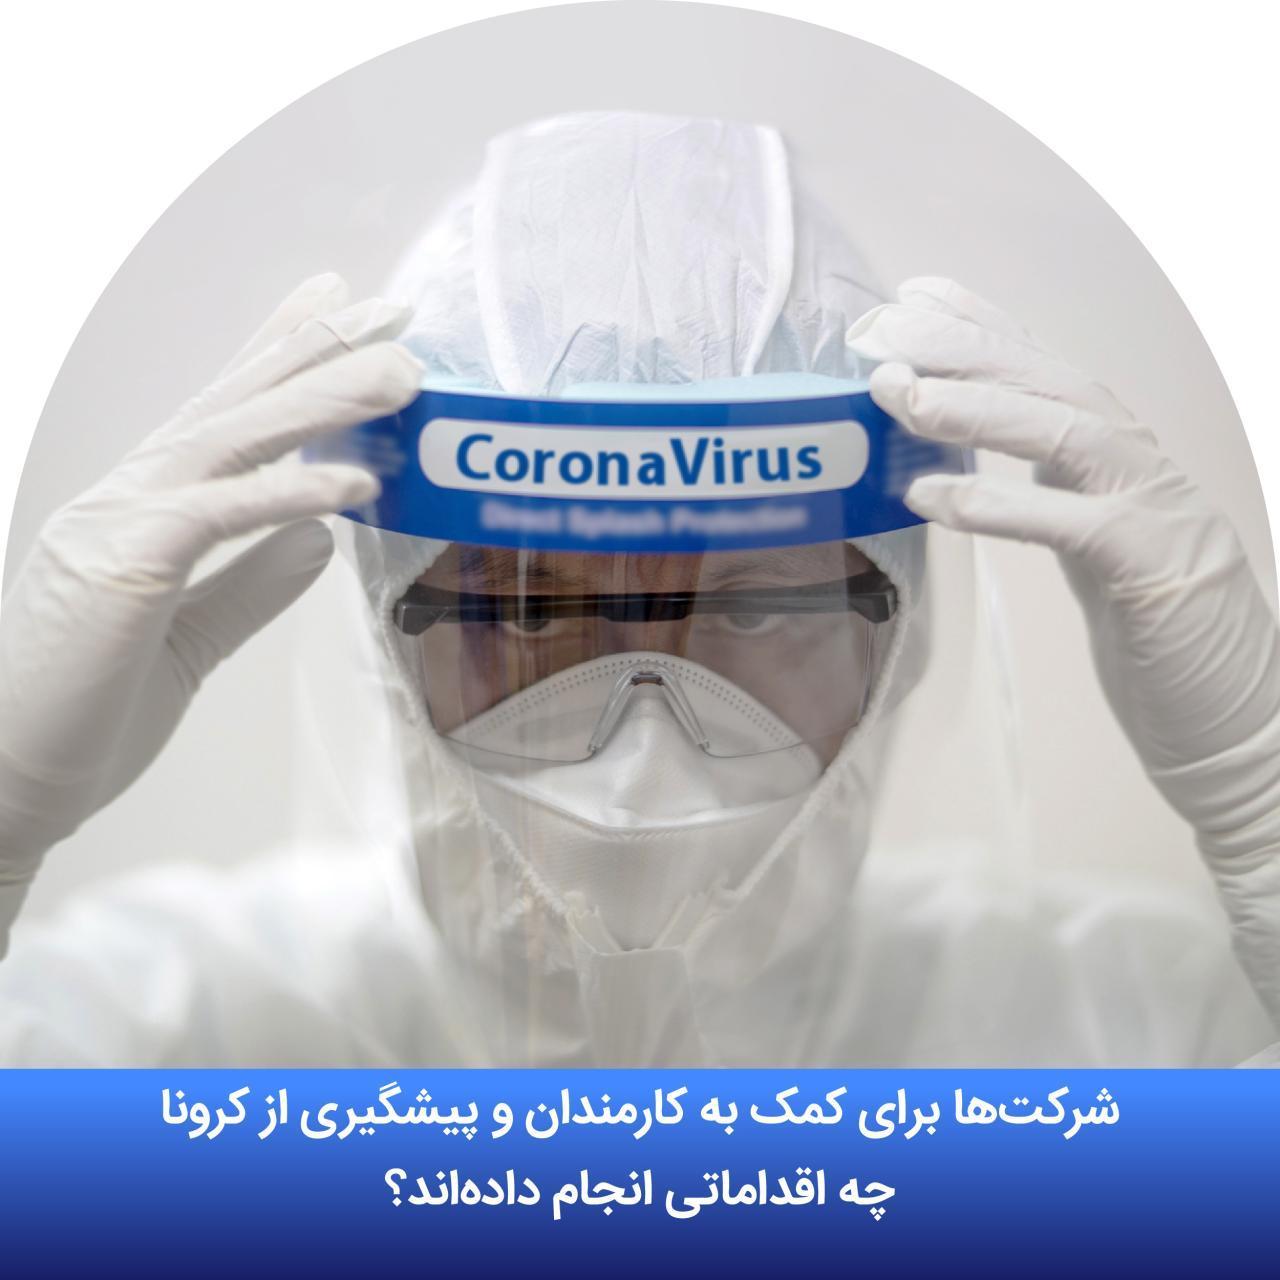 شرکتها چه اقداماتی برای پیشگیری از شیوع ویروس کرونا کردهاند؟